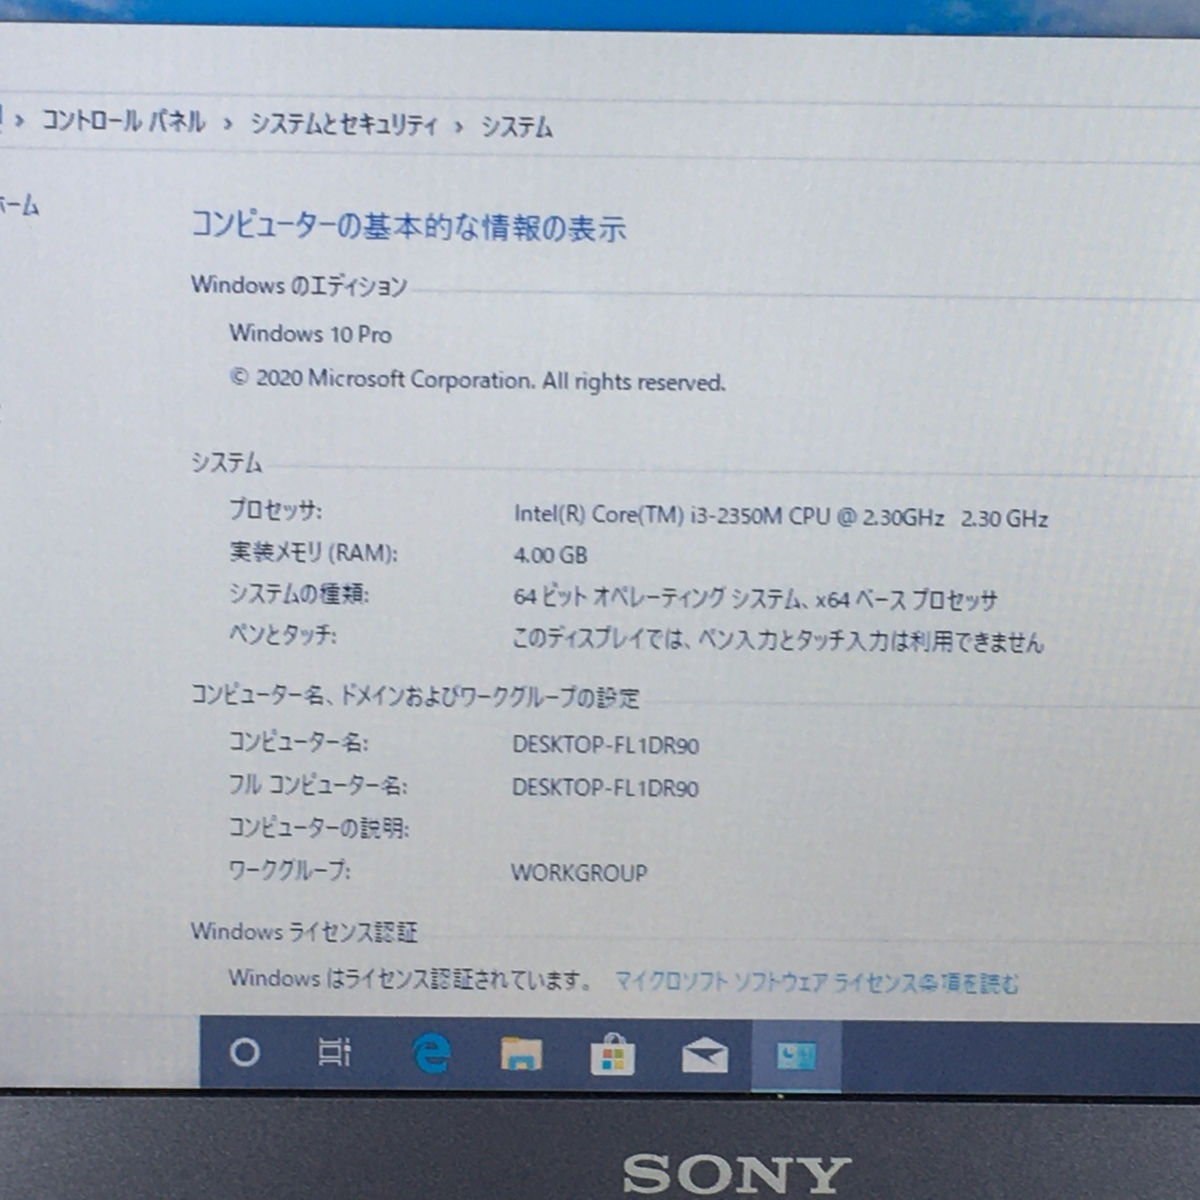 1円~【グラボ搭載】Windows10/Webカメラ搭載!【SONY ソニー/VAIO PCG-4121GN】Core i3-2350M/メモリ4GB/HDD320GB【ジャンク】_画像7